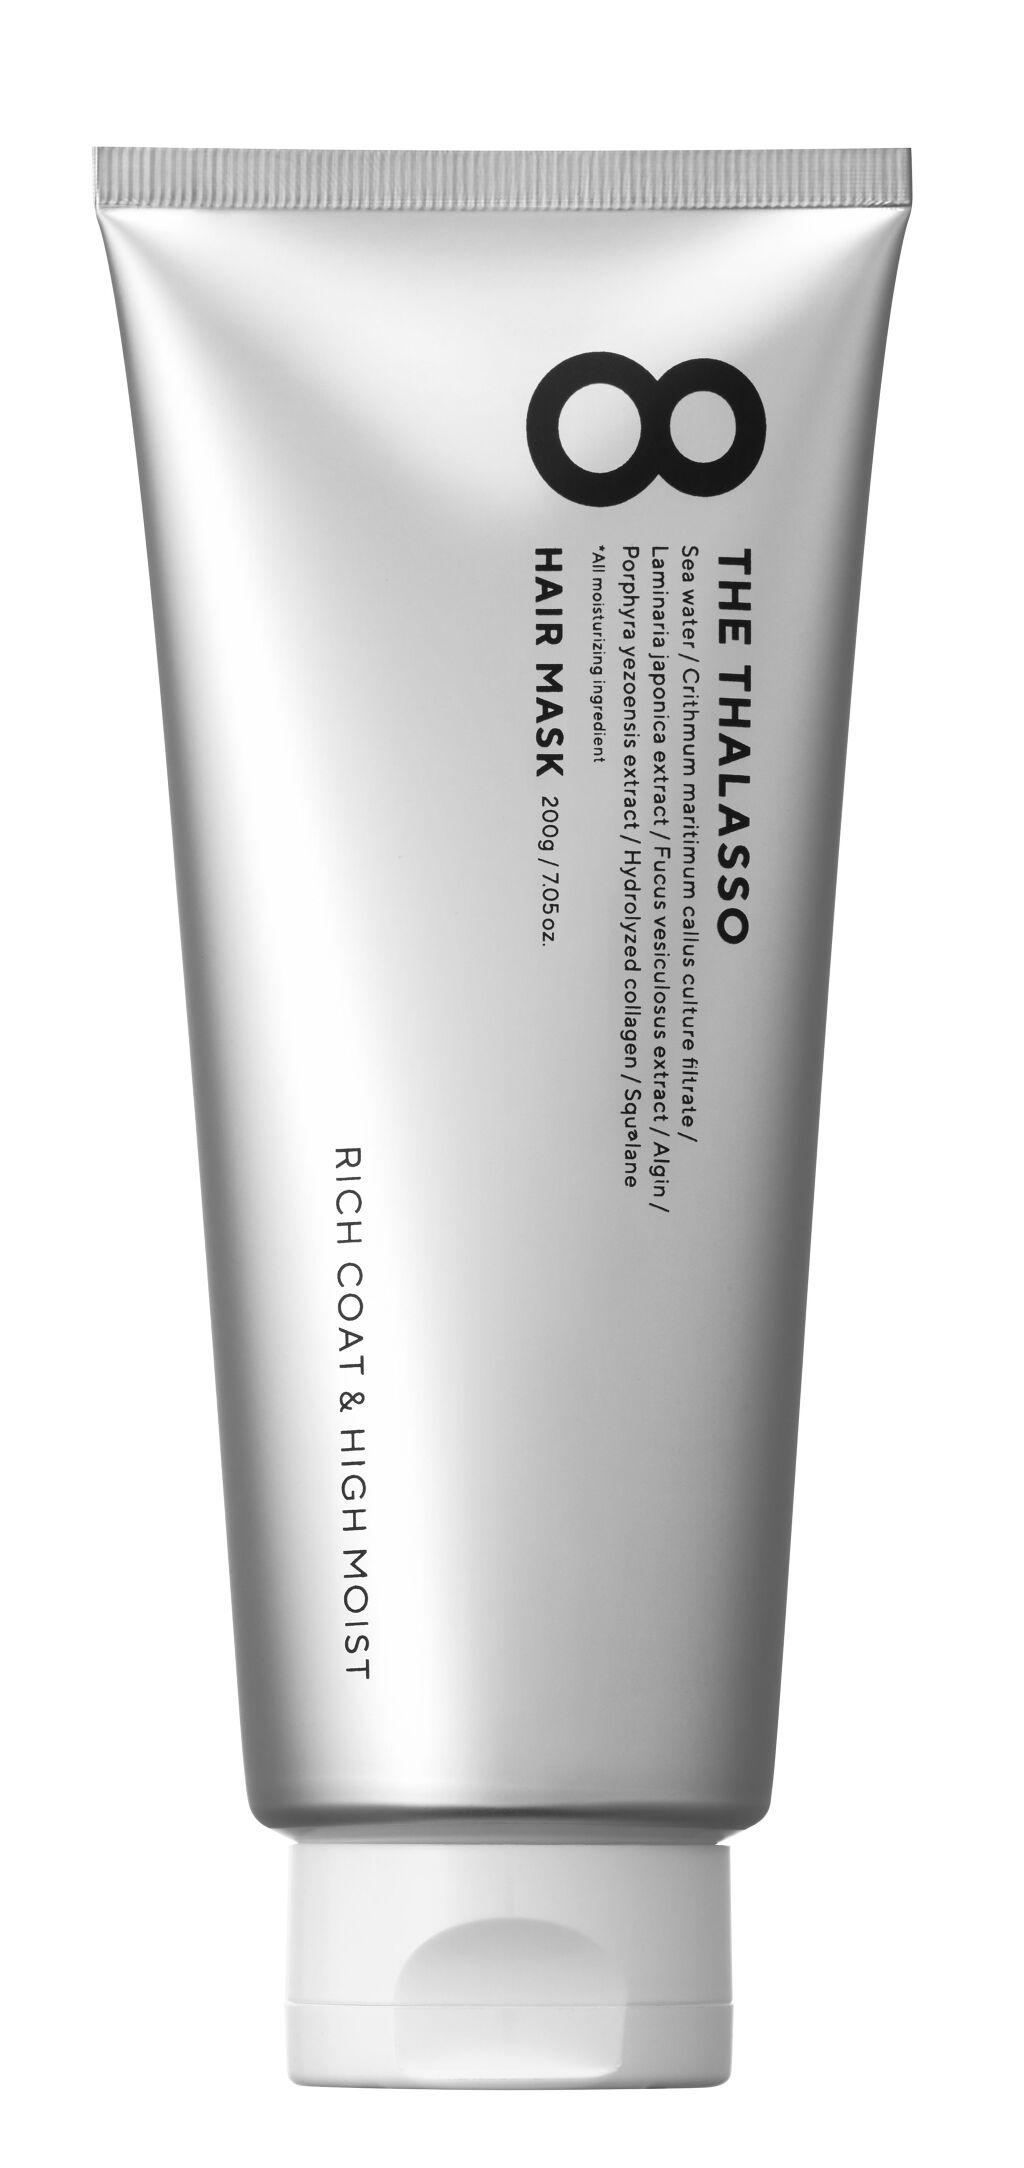 濃密保水美容液ヘアマスクを5名様に🎁「タラソ幹細胞成分」配合で内側から潤うぷるん髪へ✨(1枚目)